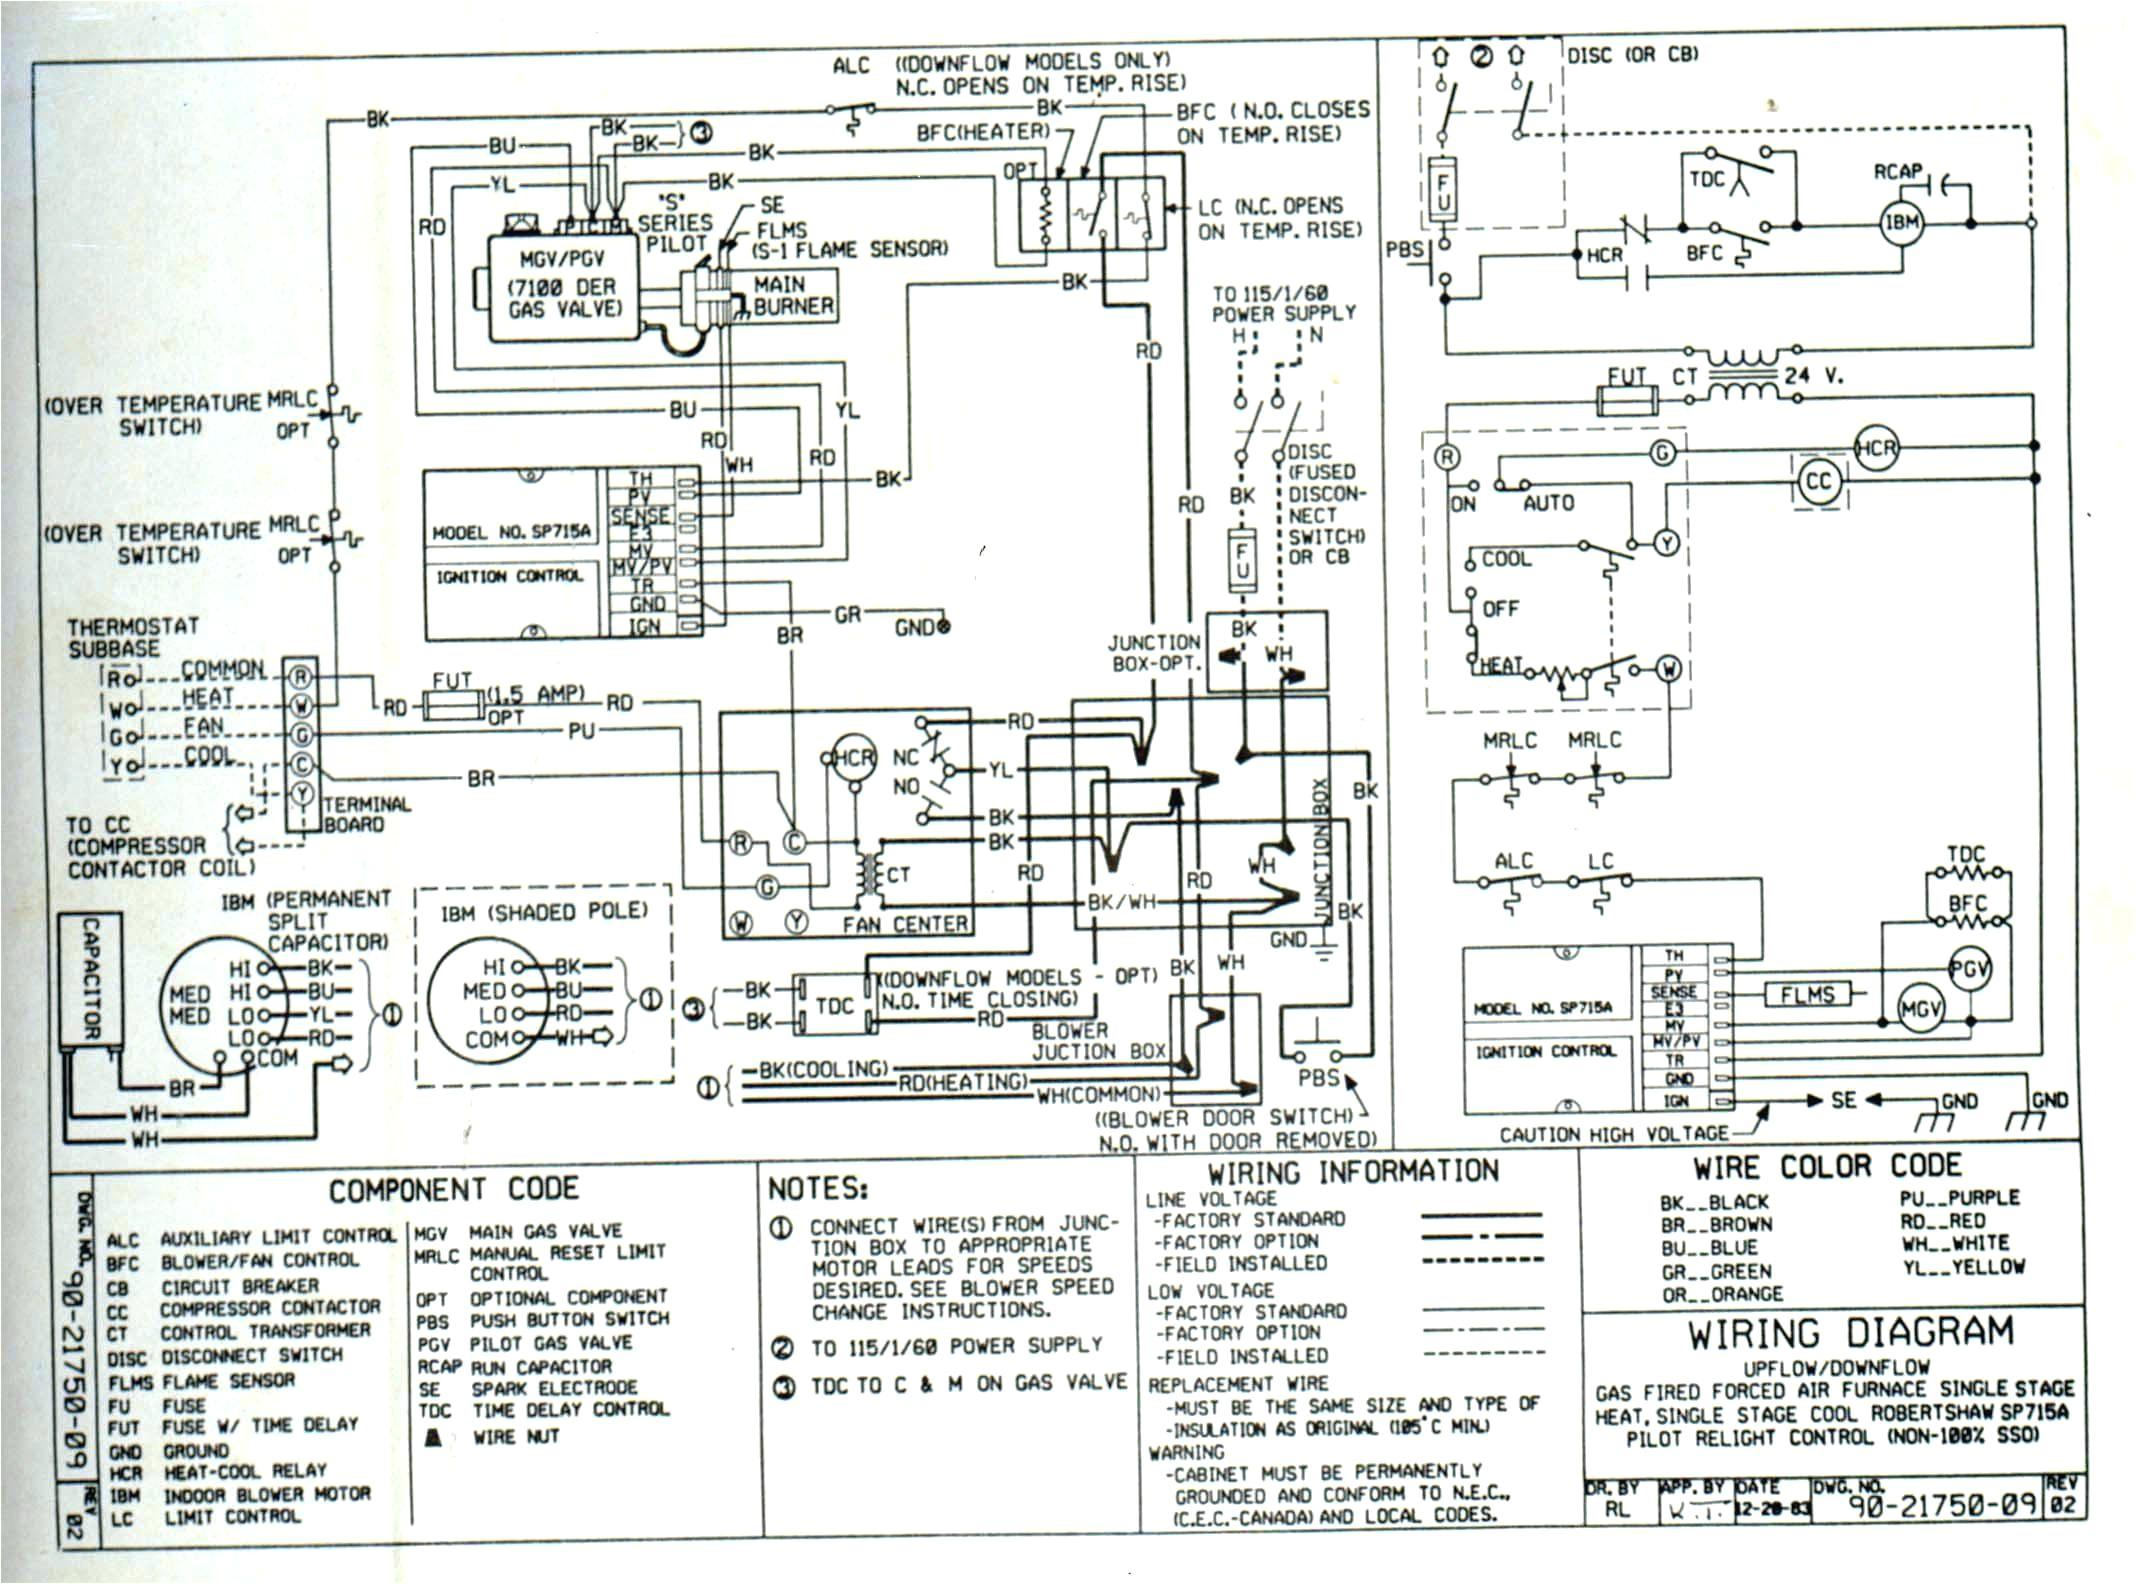 trane wiring schematics wiring diagram compilation trane wiring diagram 2307 trane wiring schematics